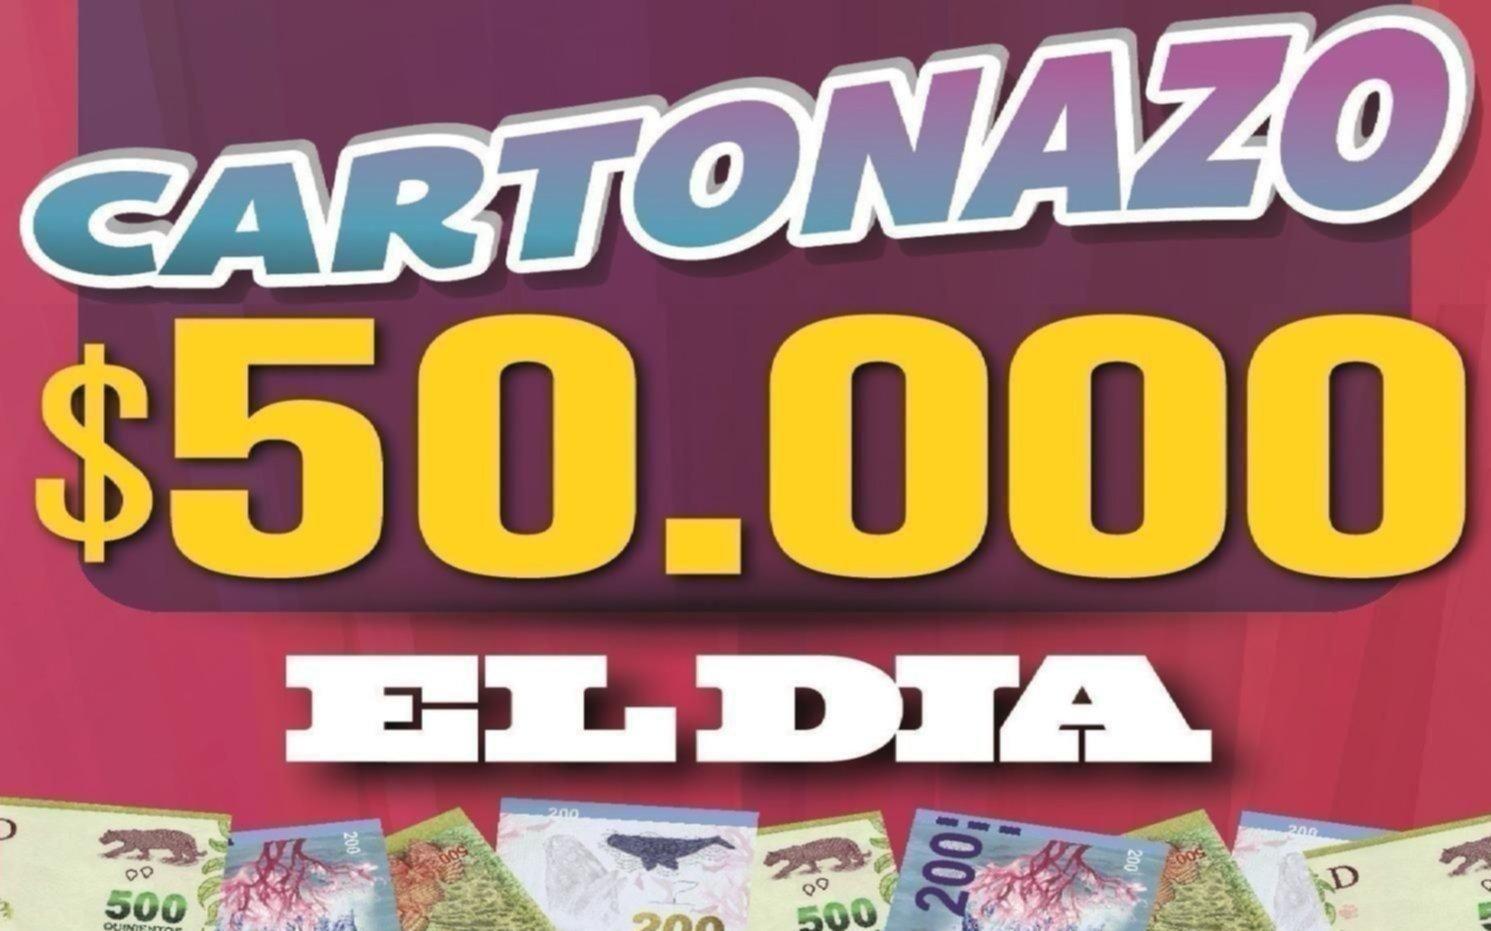 Salió un nuevo Cartonazo con un pozo de $50.000